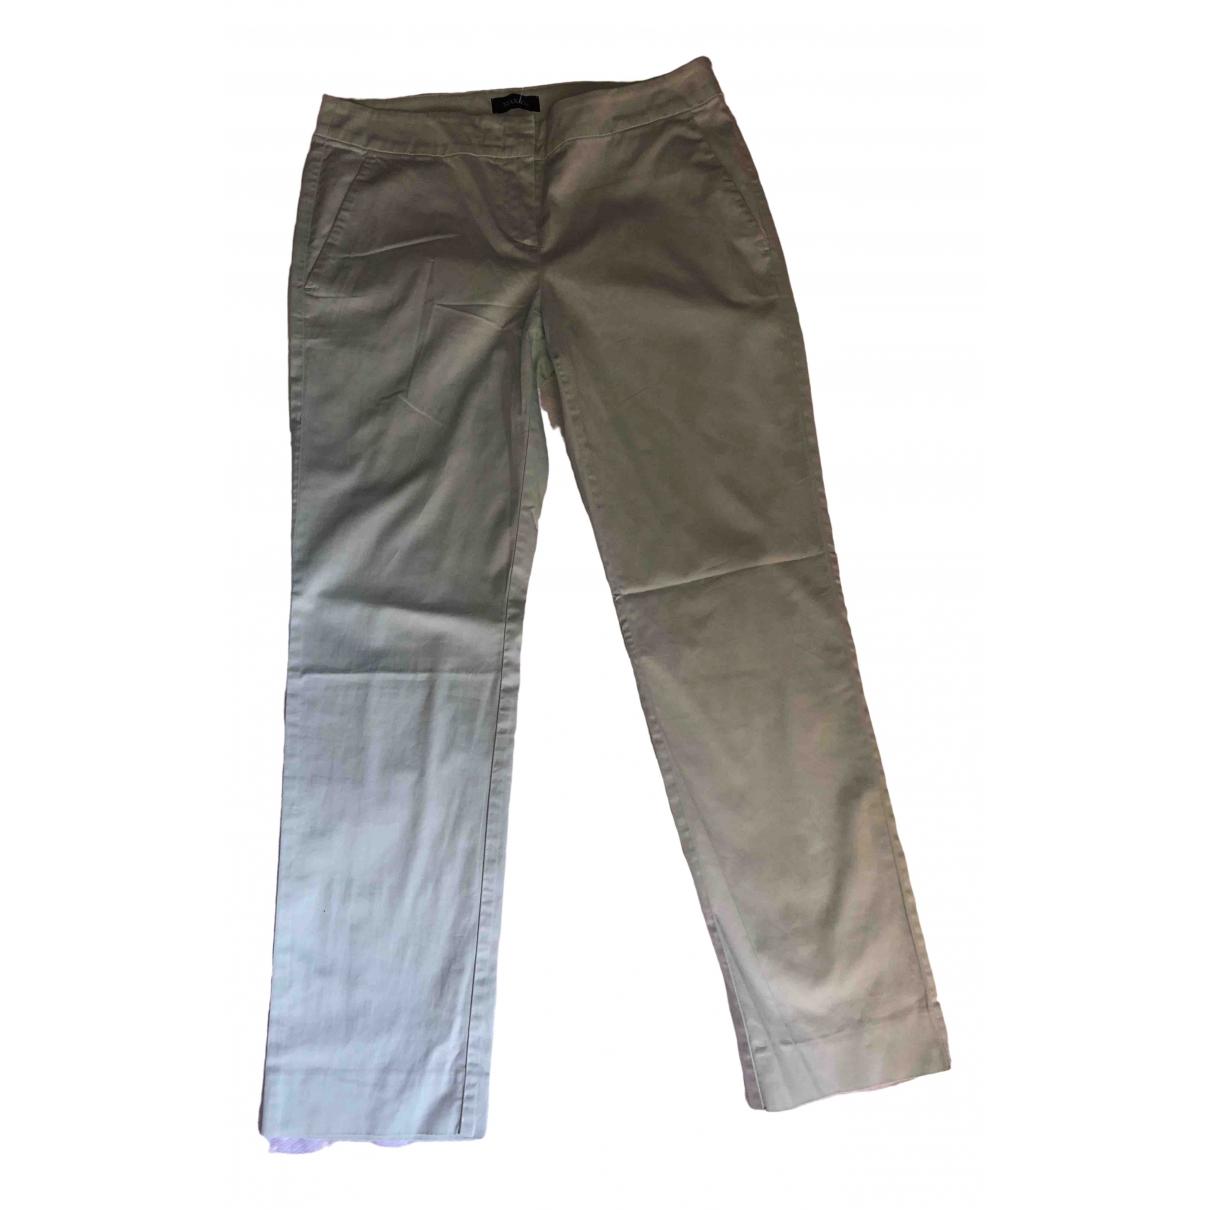 Pantalon en Algodon Turquesa Max & Co